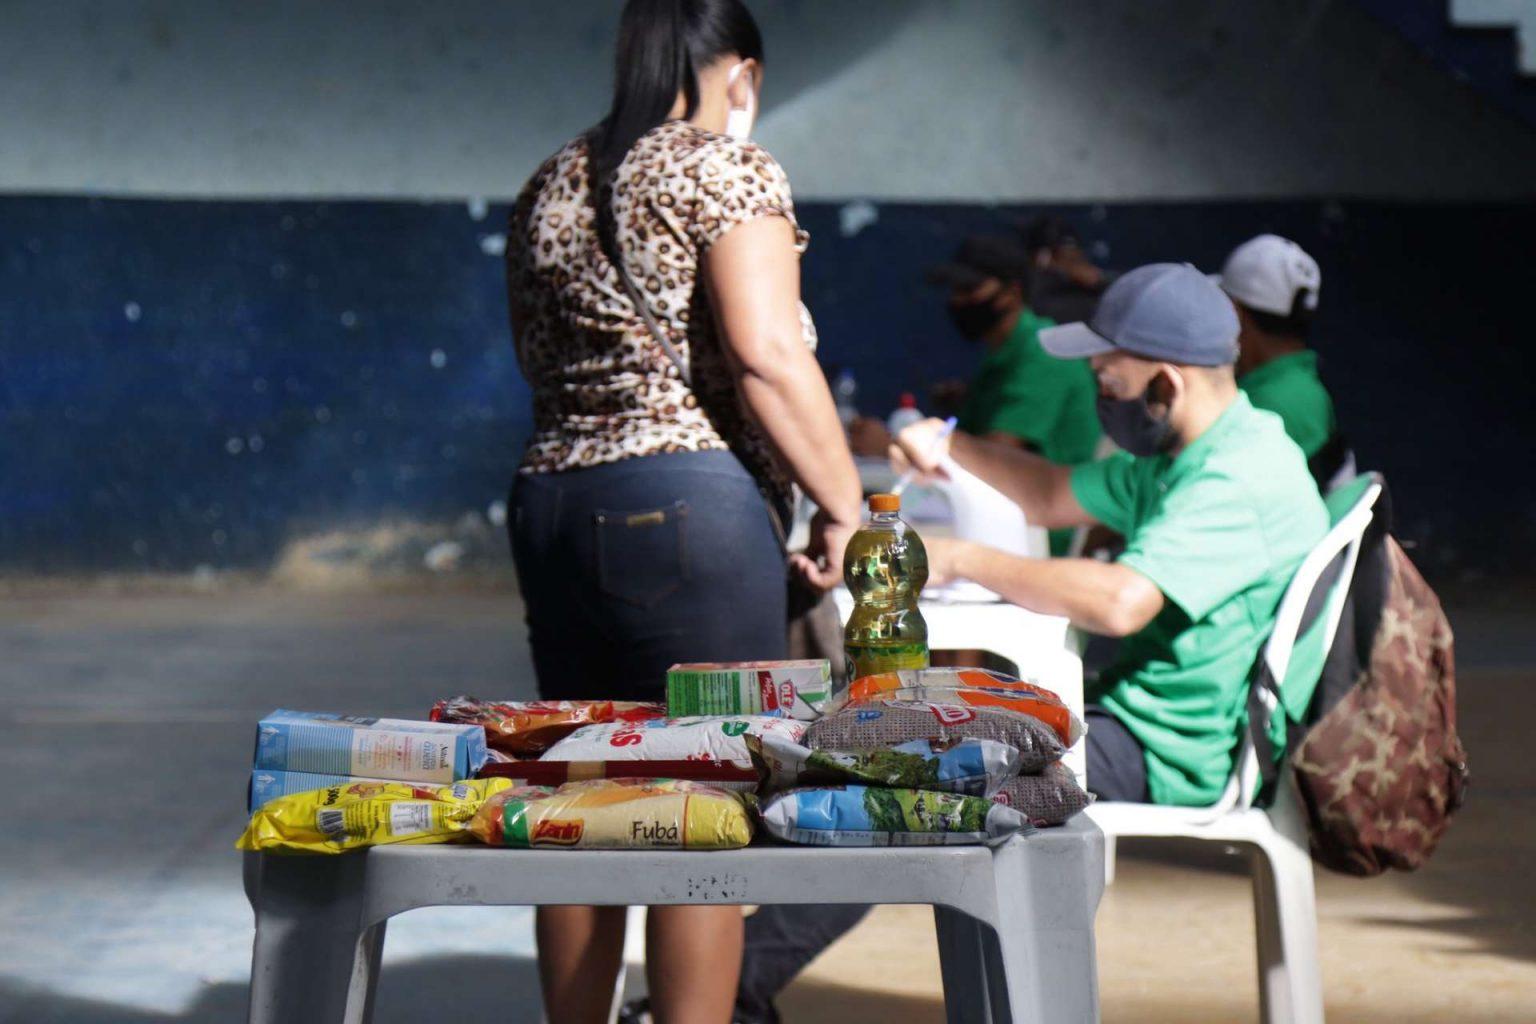 Mudança: alunos da Rede Municipal vão receber cesta básica ao invés do cartão alimentação